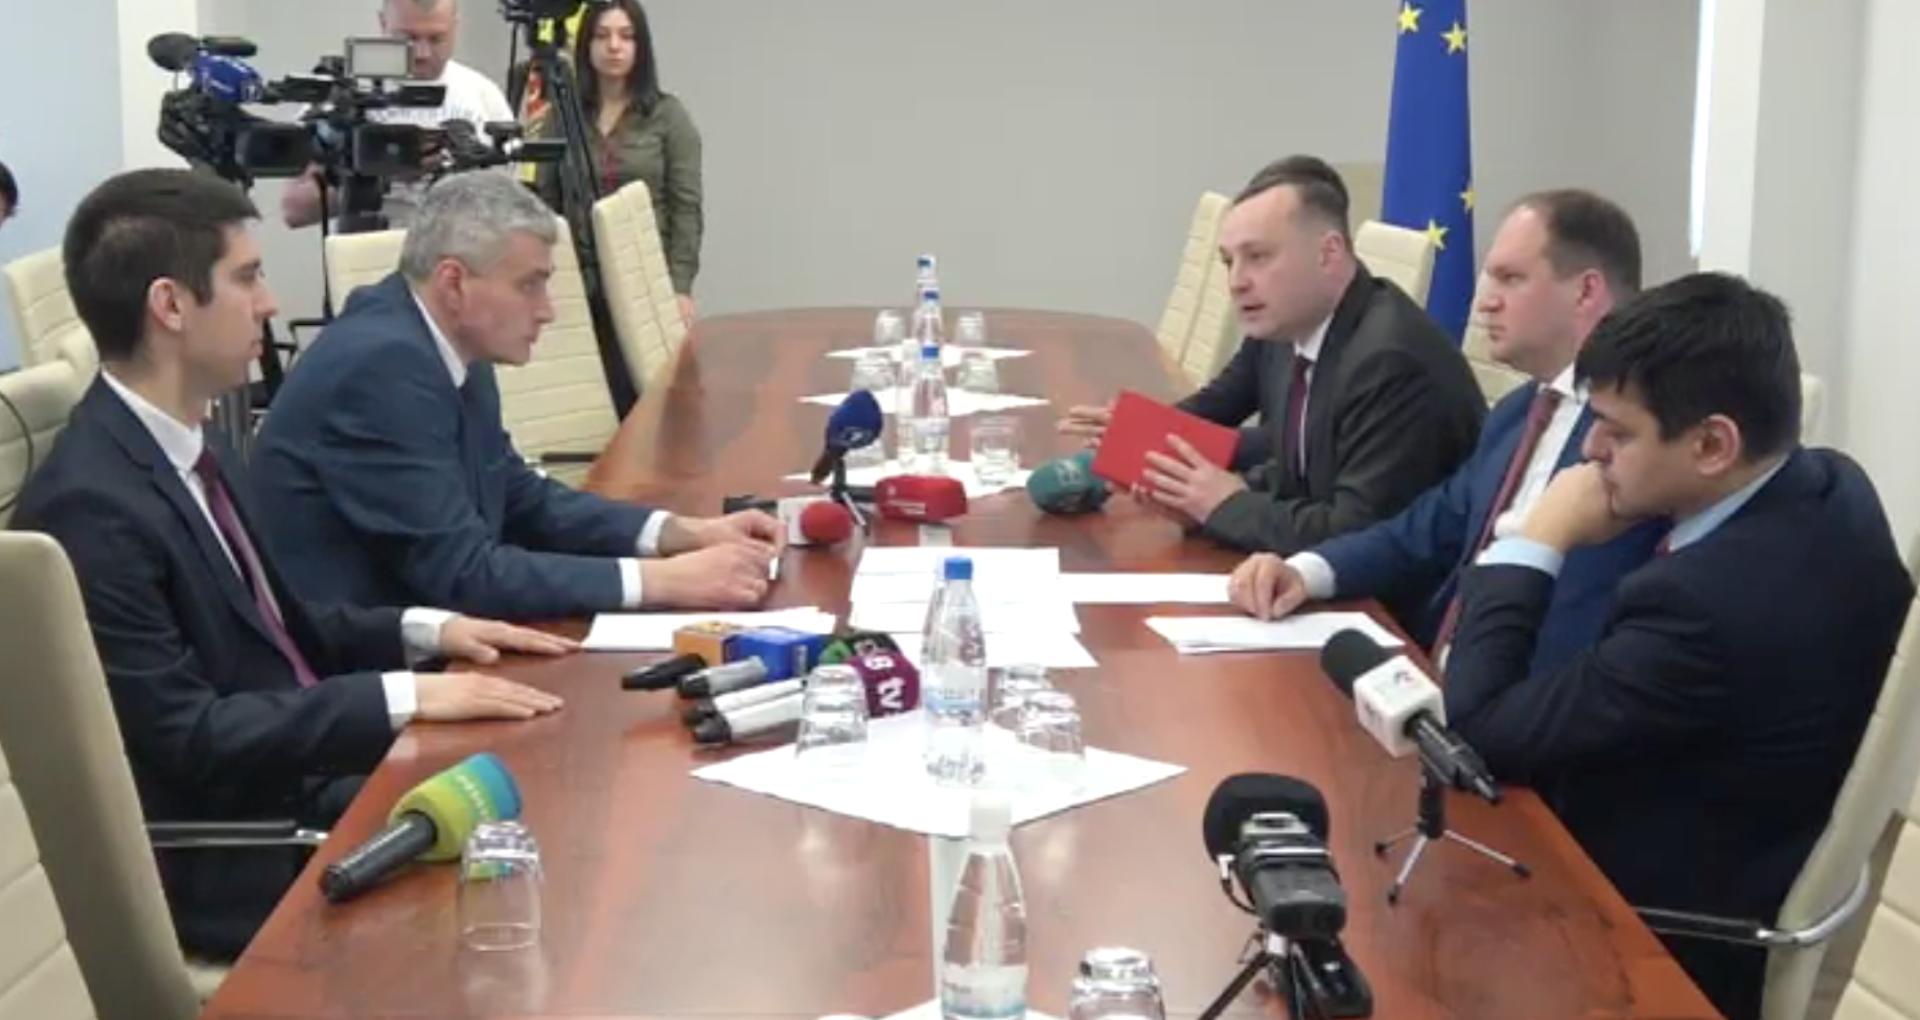 VIDEO/ Negocieri fără rezultat. Cum au decurs discuțiile dintre PSRM și Blocul ACUM